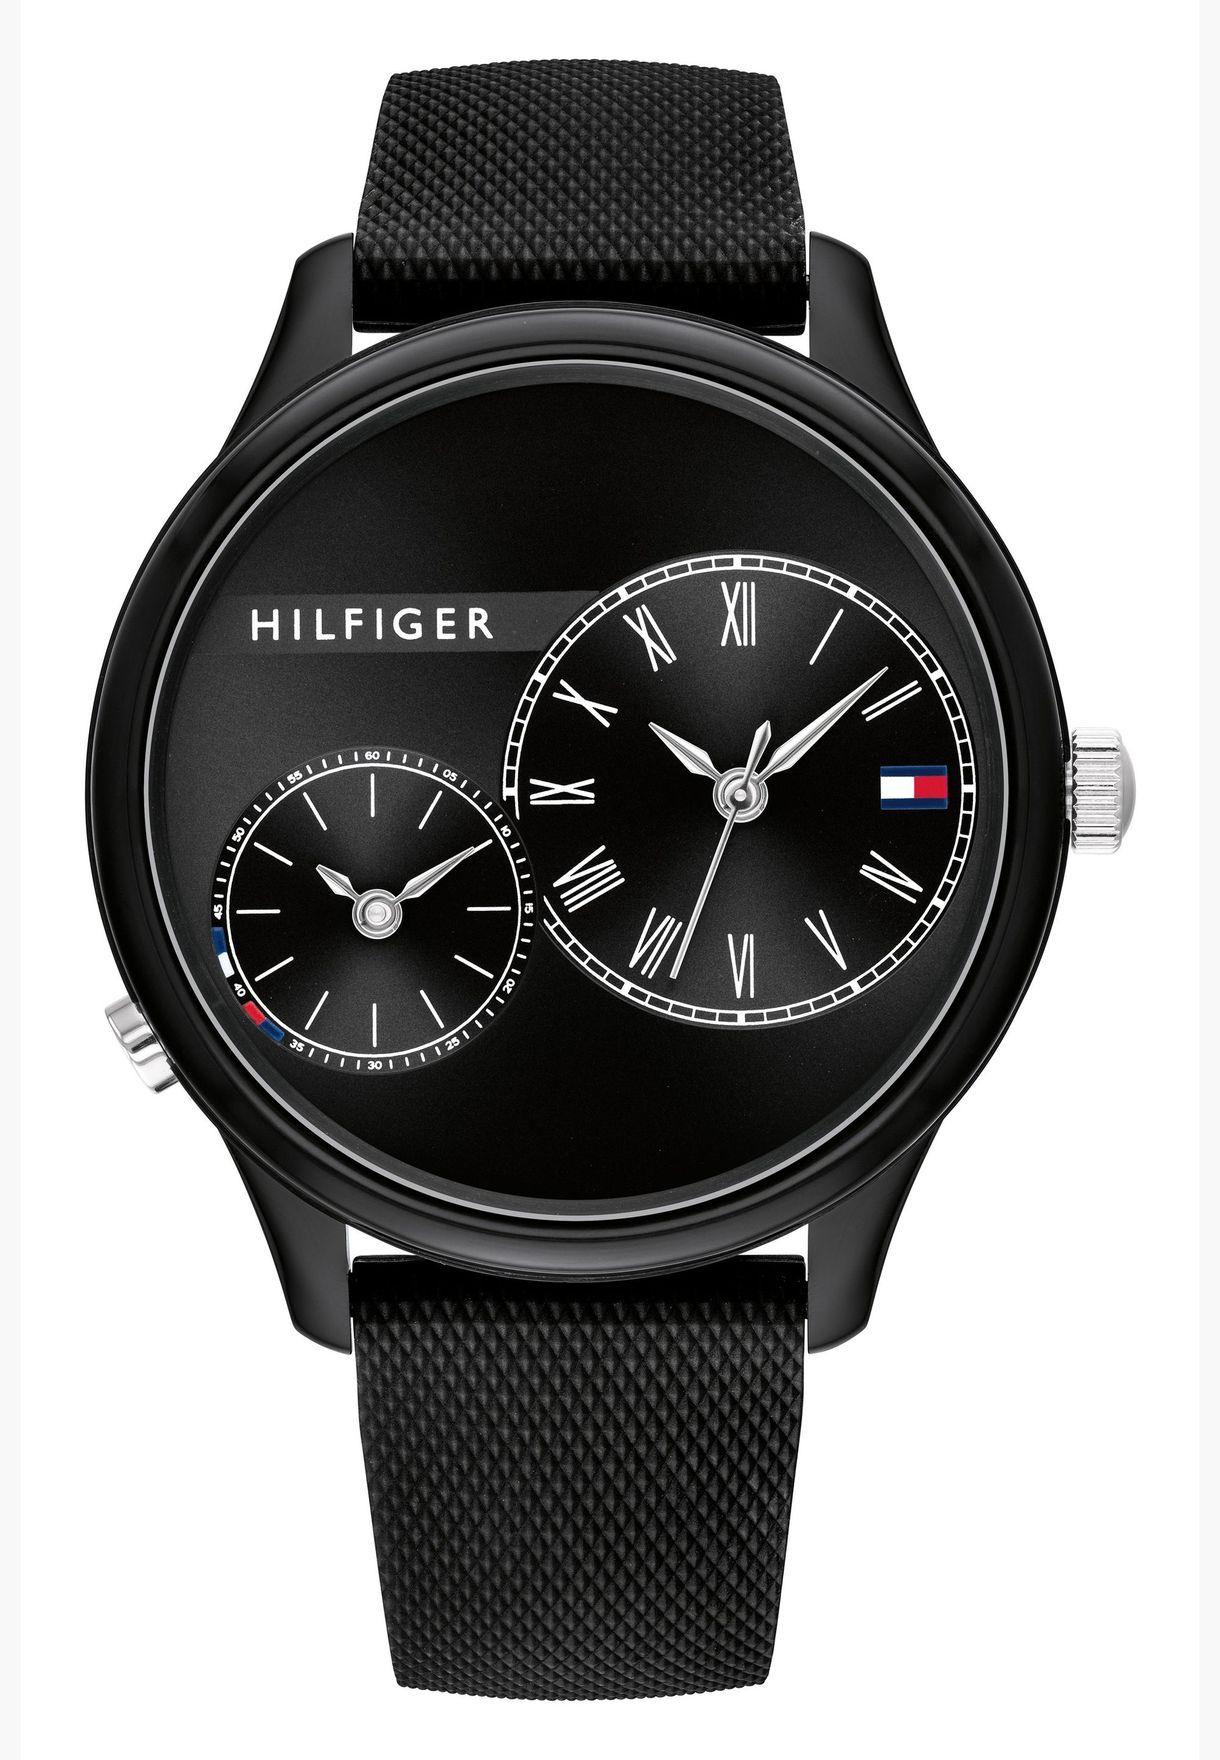 تومي هيلفيغر ساعة ميج بسوار سيليكون للنساء - 1782147